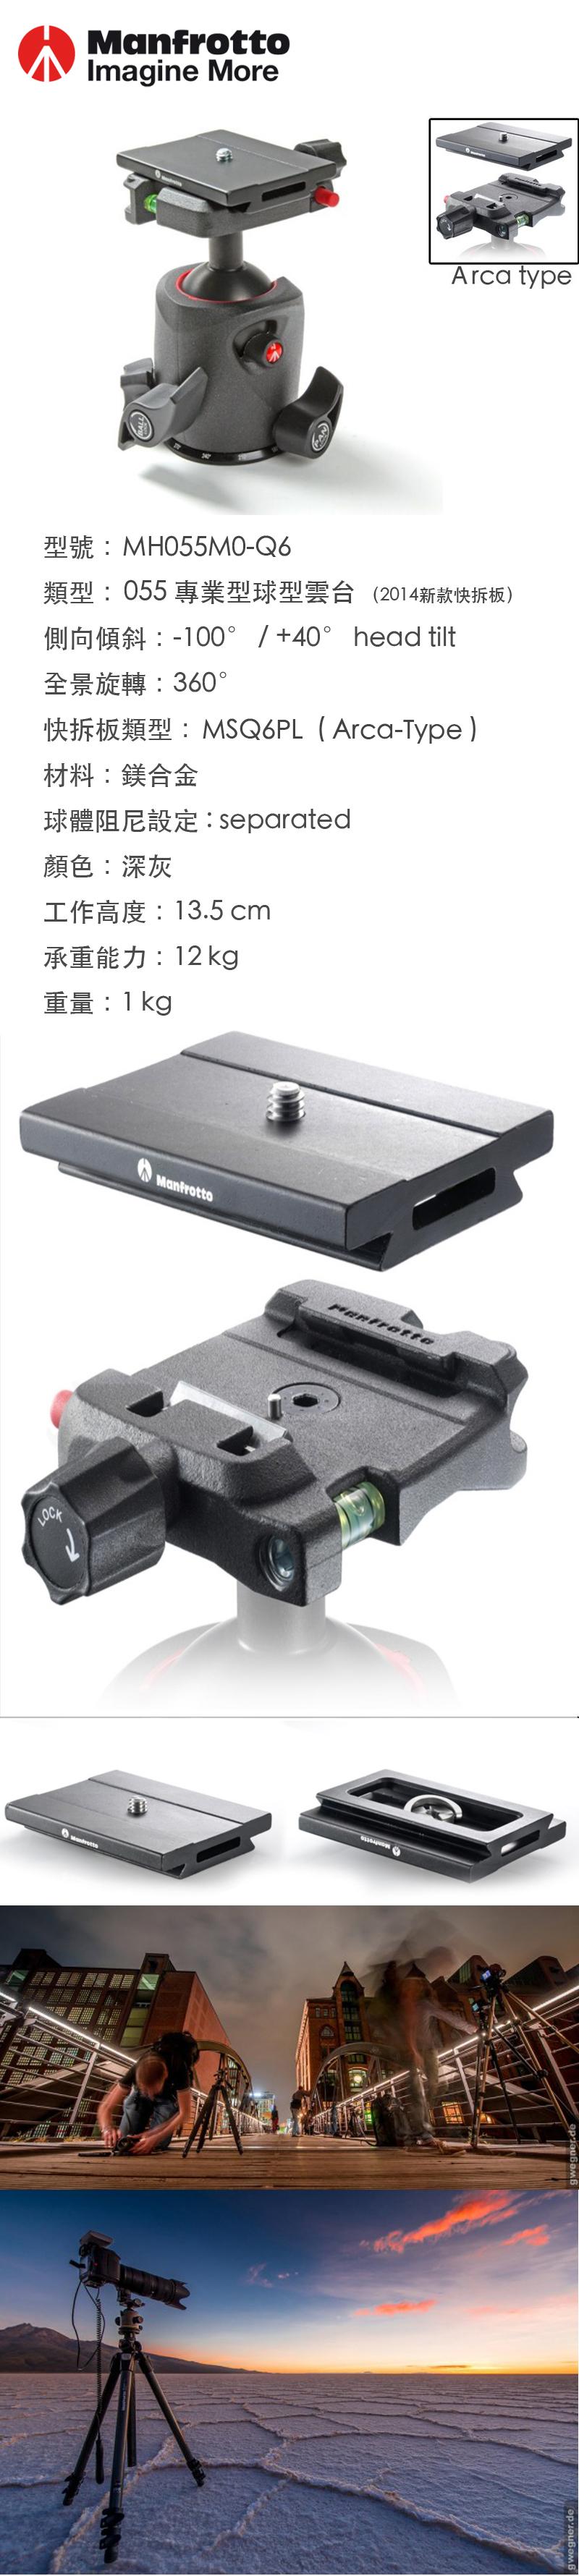 MH055M0-Q6